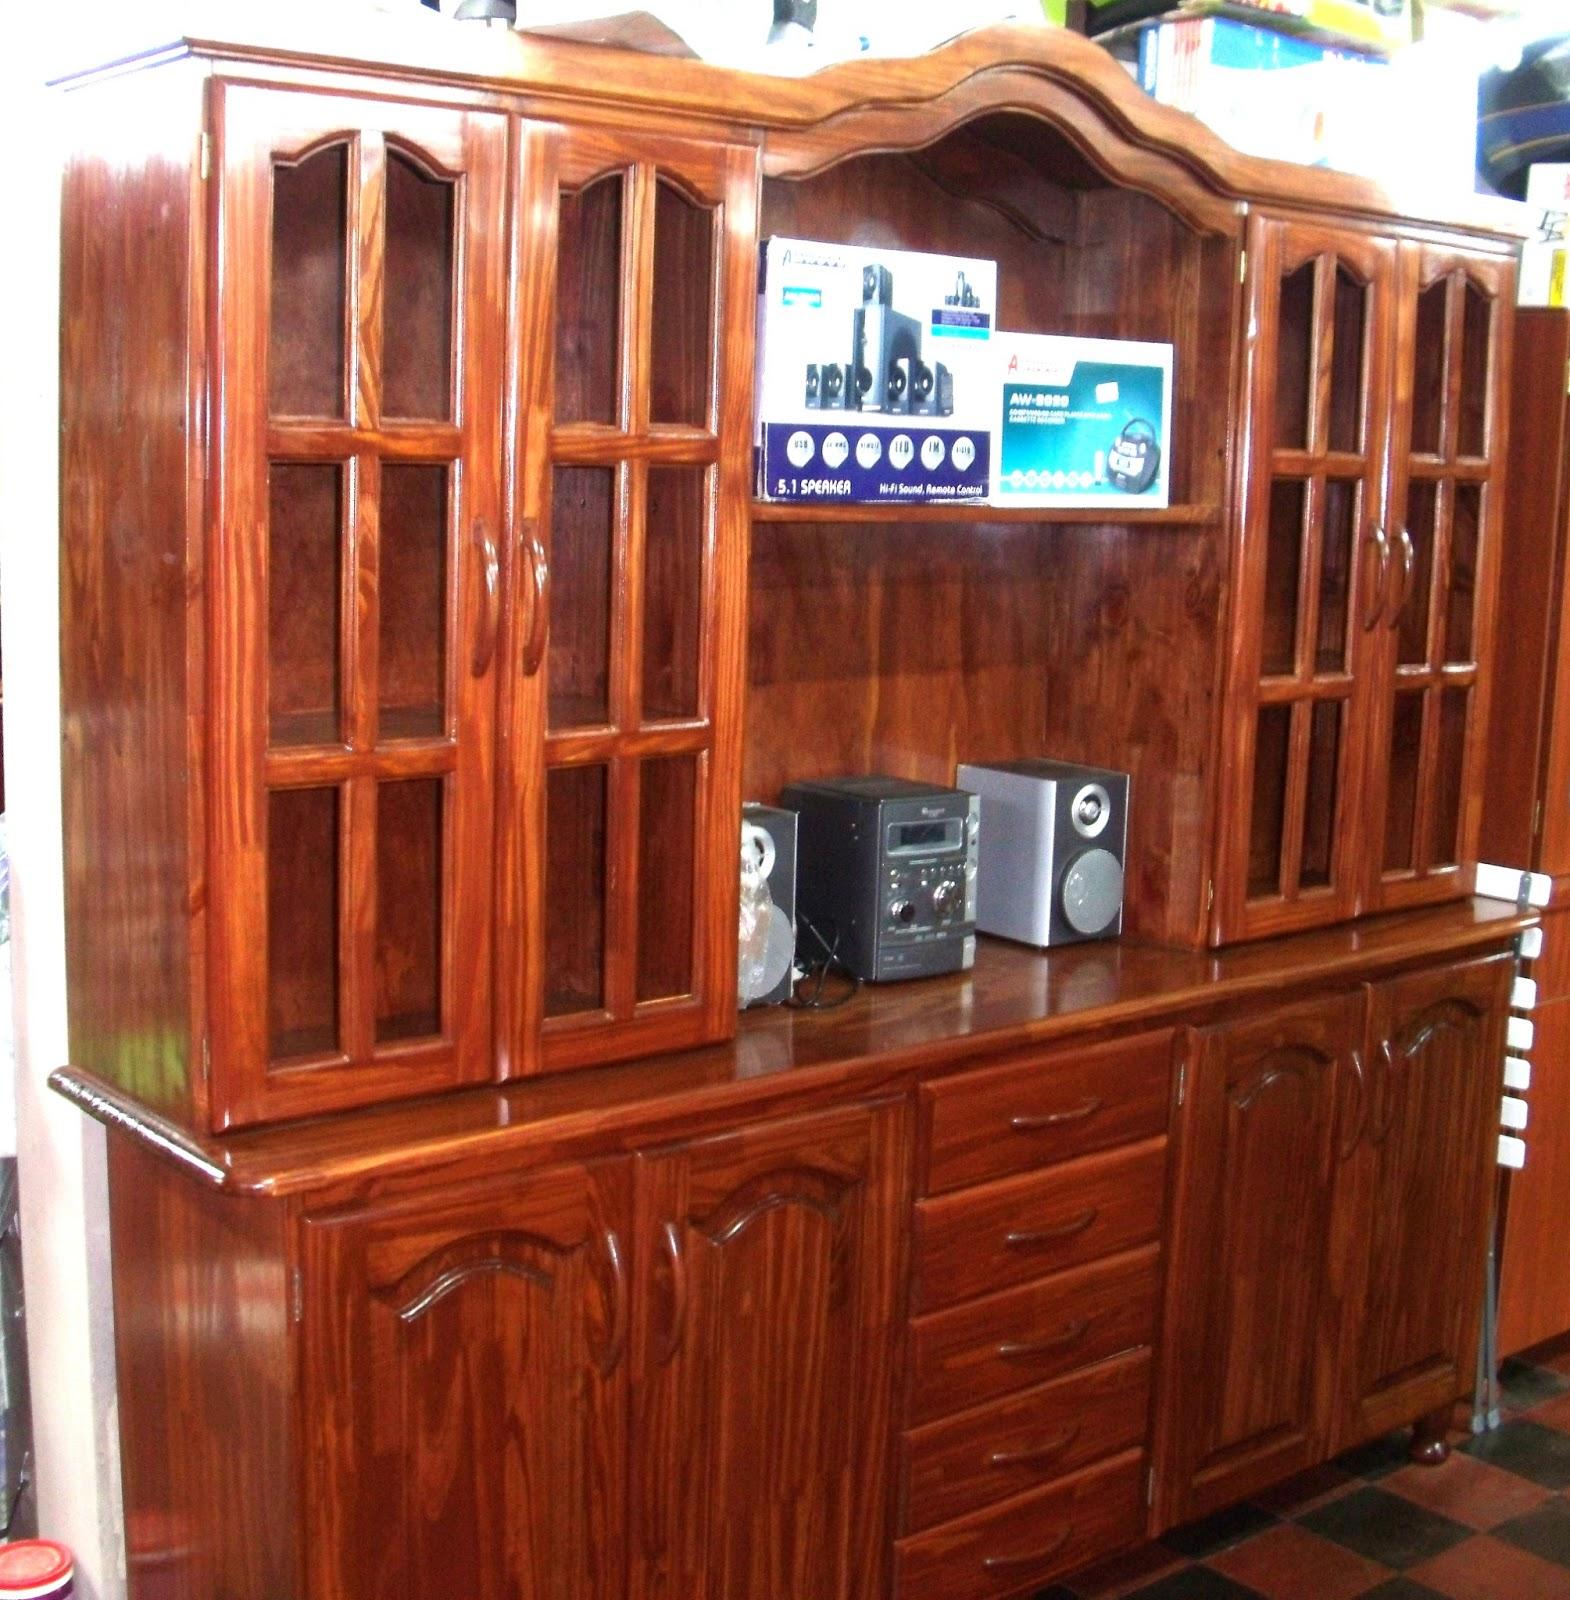 Hogar y vivienda muebleria vera aparadores alacenas - Aparadores de cocina ...